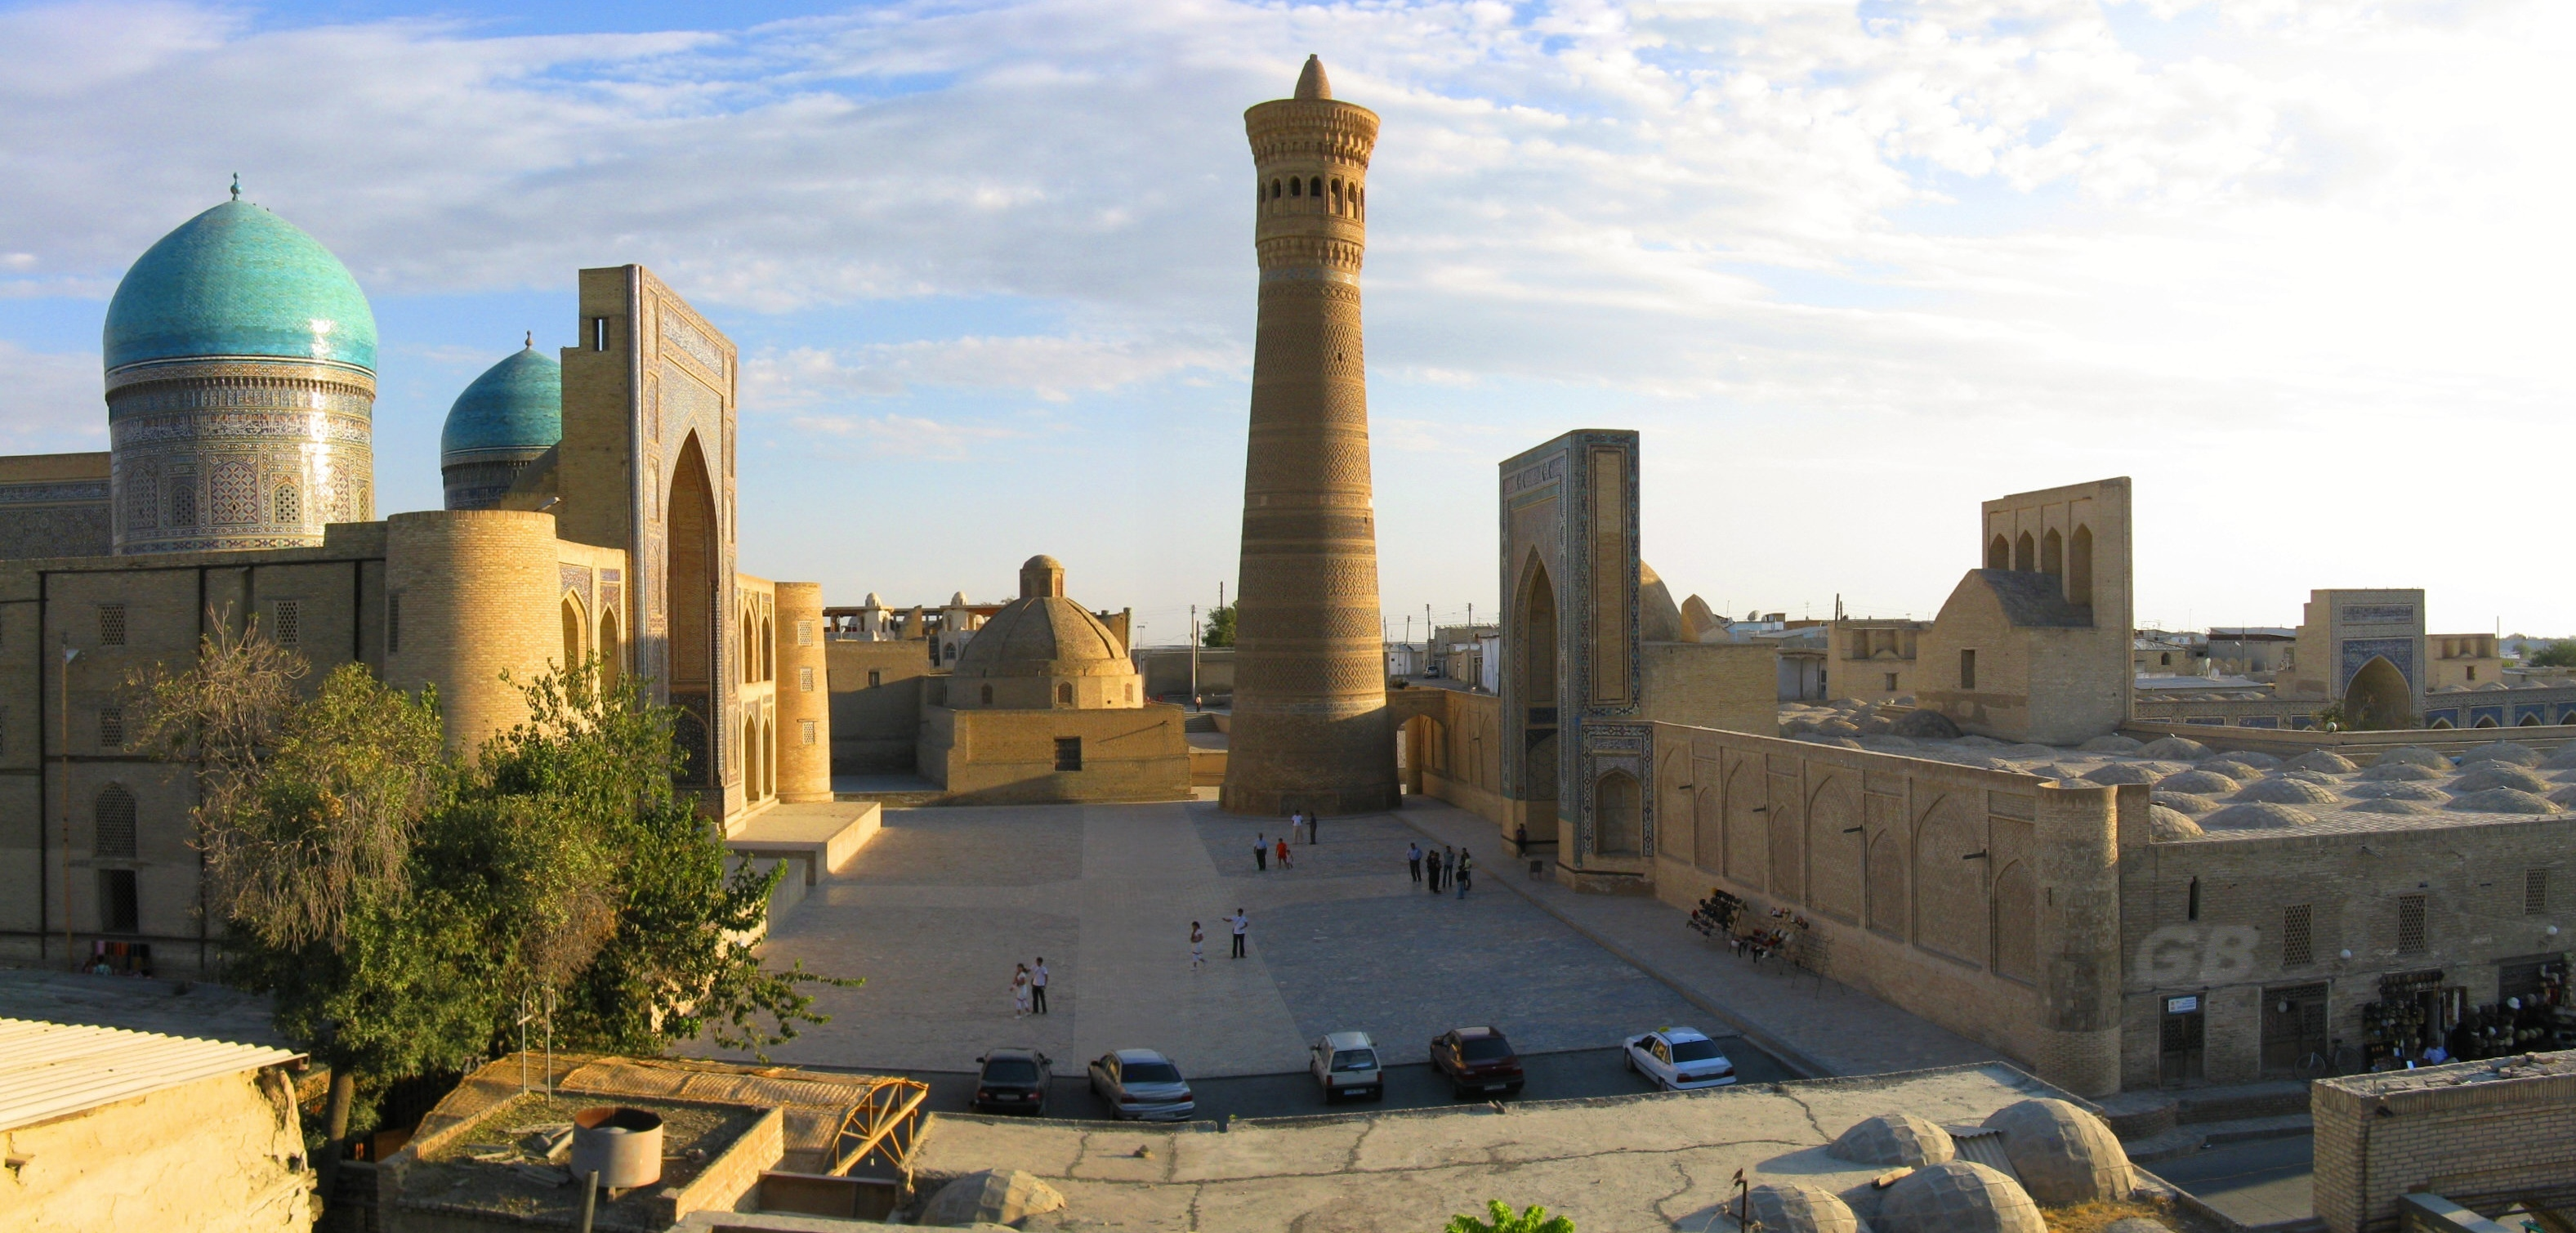 ウズベキスタン(Uzbekistan)                                                            ブハラ(Bukhara)